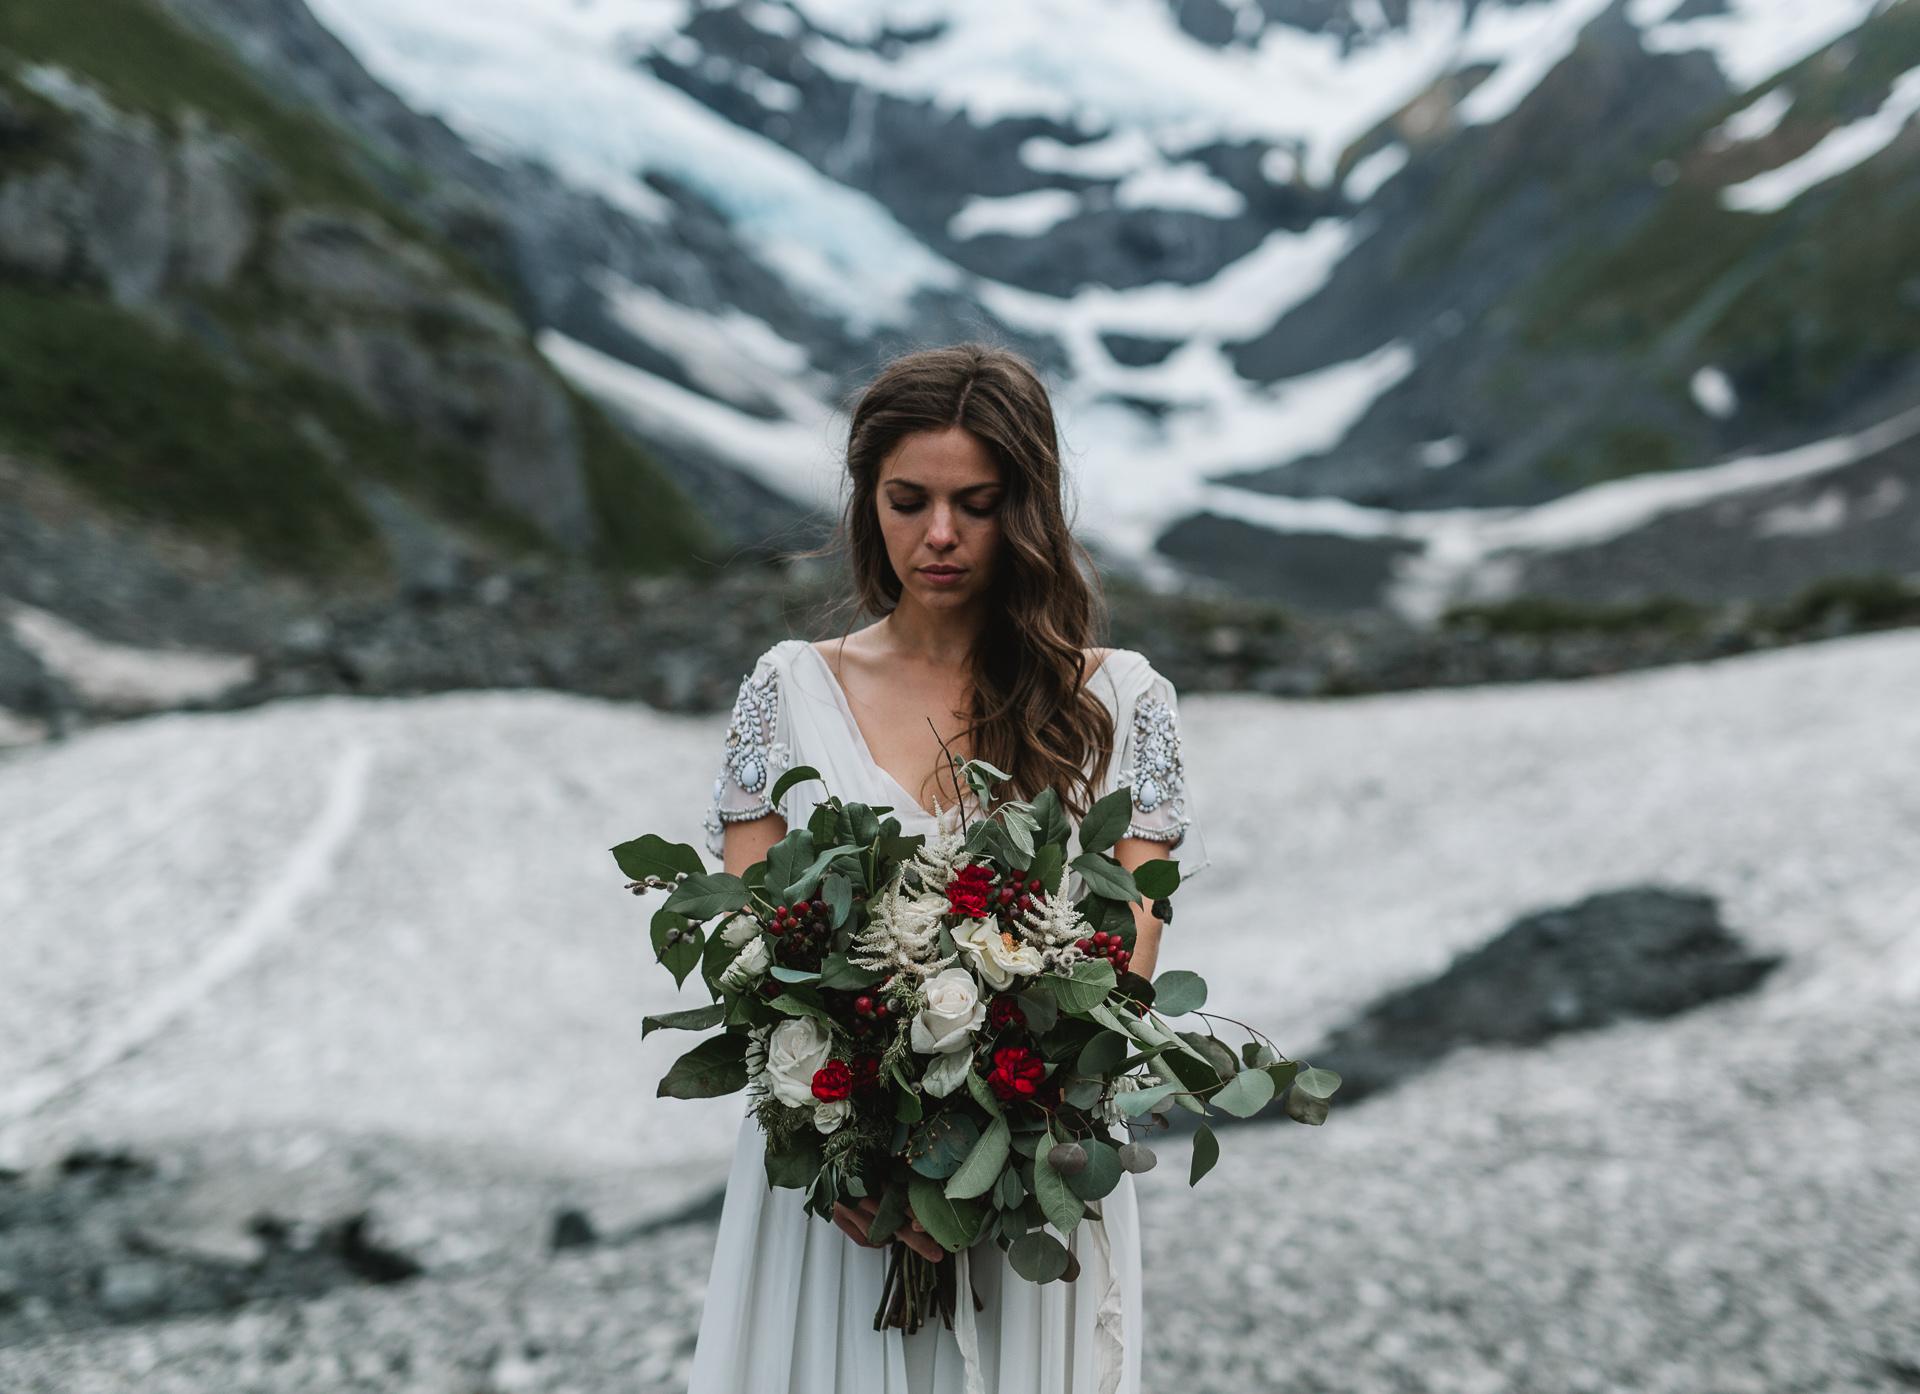 jess-hunter-photographer-alaska-destination-elopement-6330.jpg